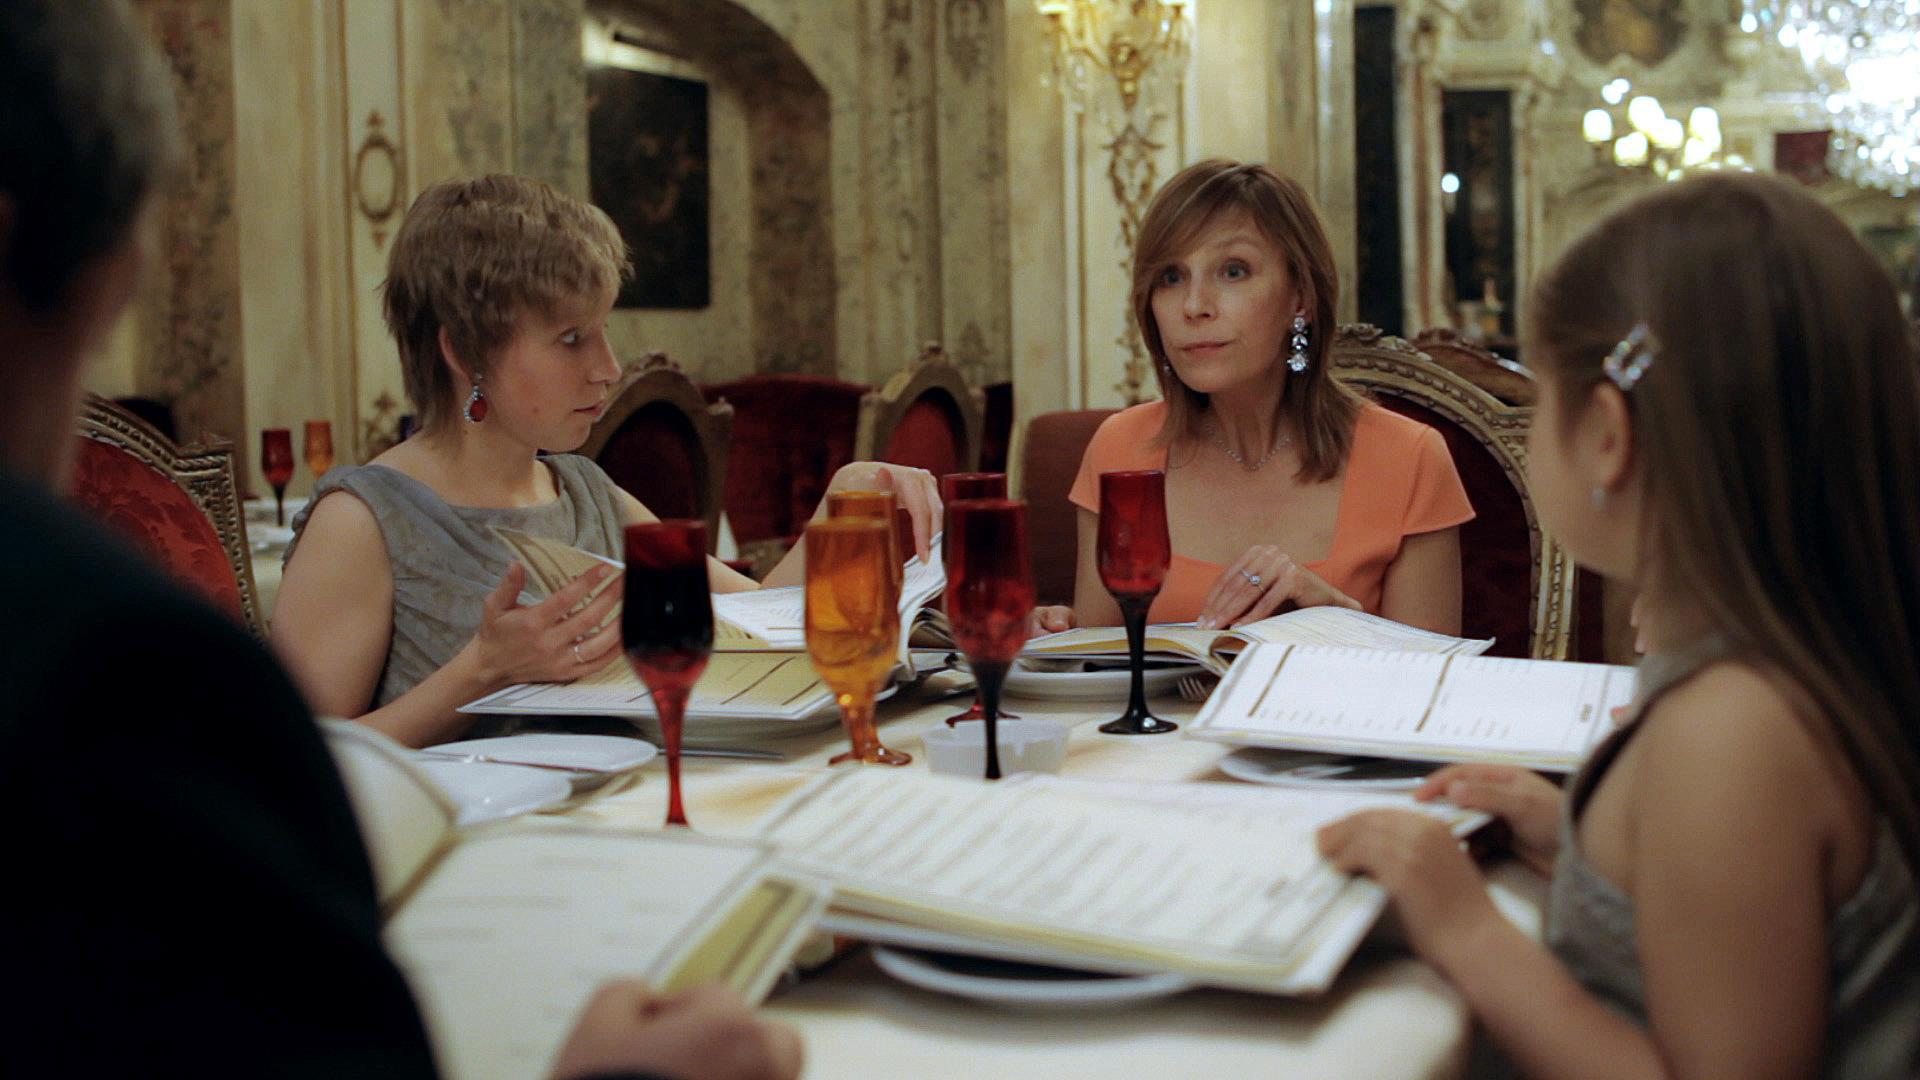 кадры из фильма Пока ночь не разлучит Мария Шалаева, Алена Долецкая,